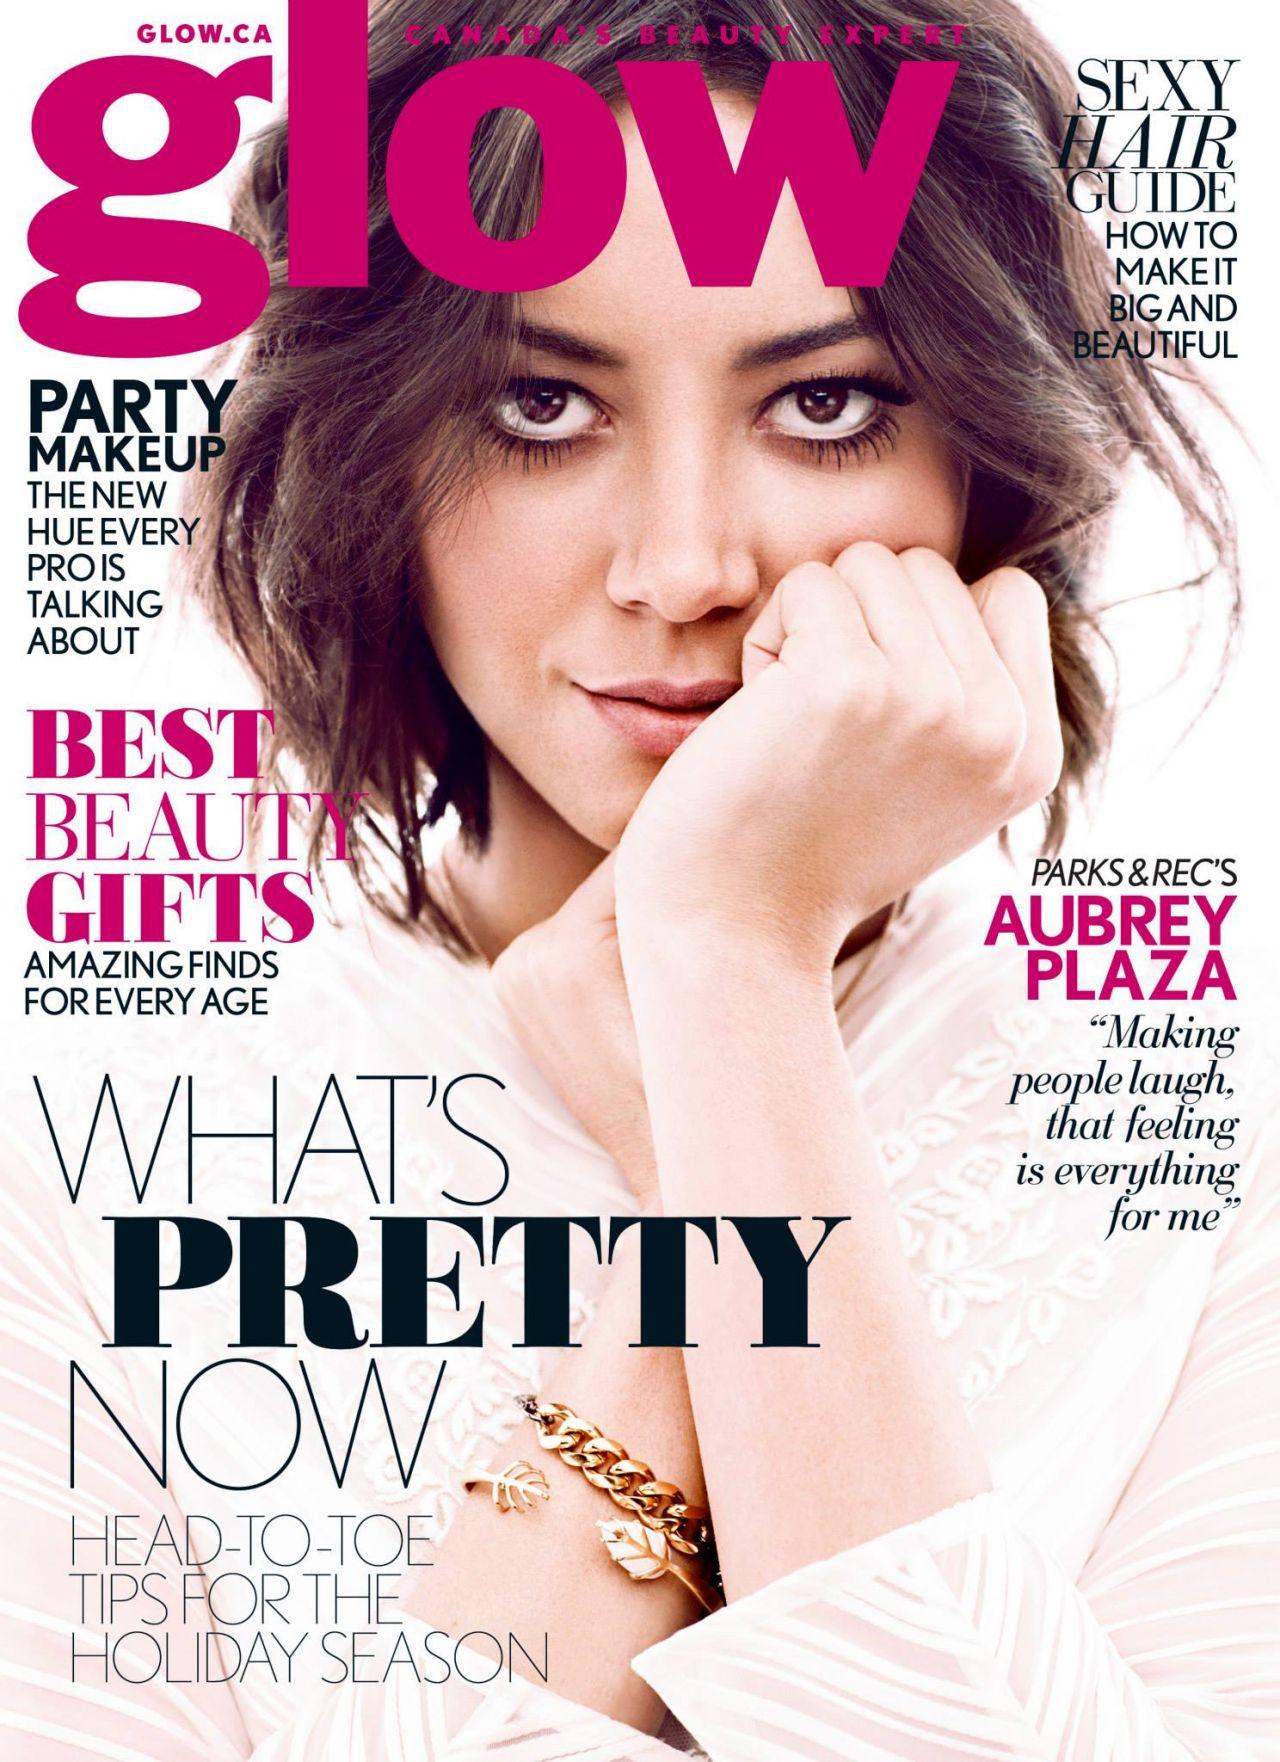 Aubrey Plaza - GLOW Magazine - December 2013 Issue